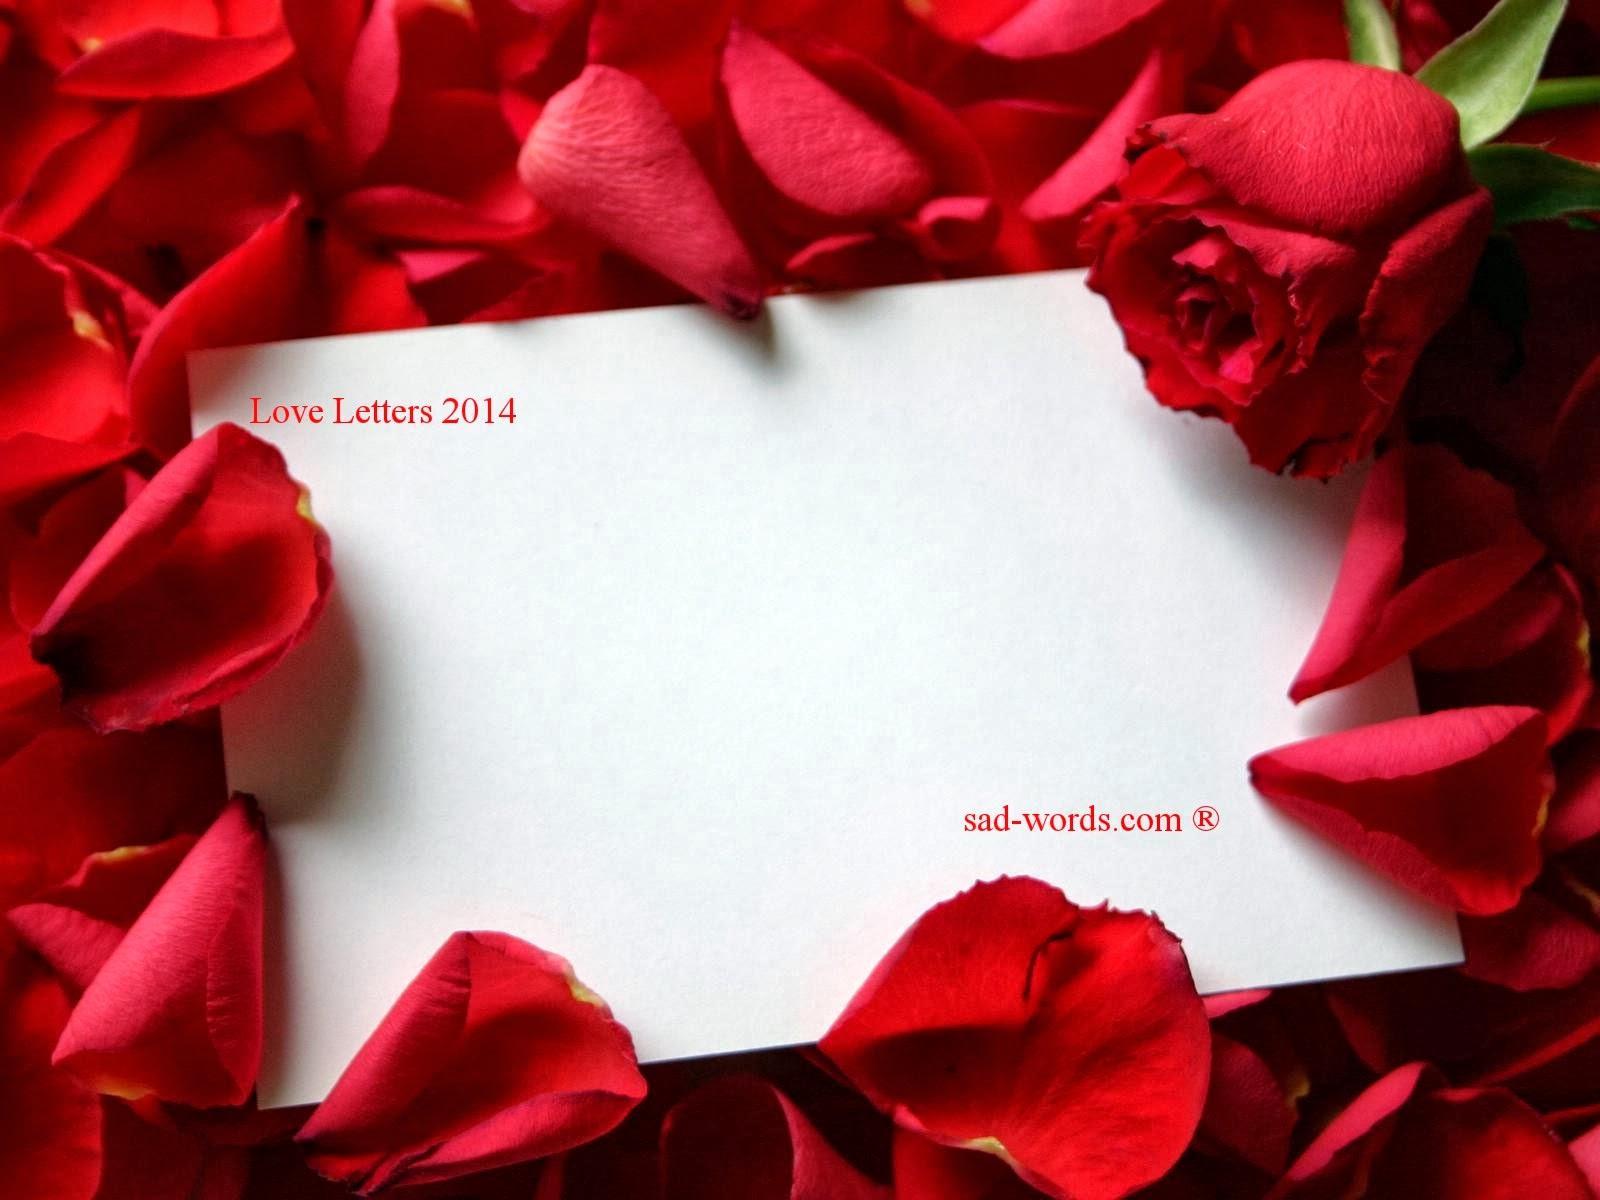 بالصور رسالة حب , التعبير عن حبك واشواقك فى رساله 5421 10